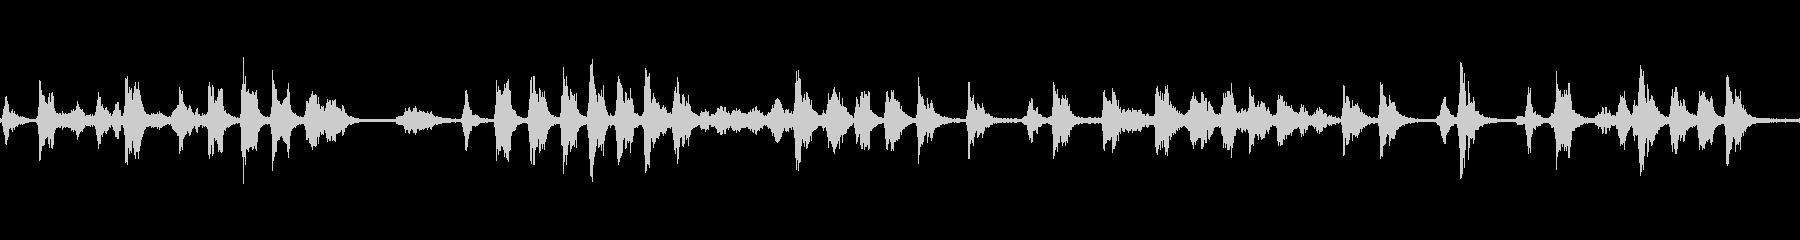 谷戸山公園_野鳥の鳴き声(ループ)の未再生の波形